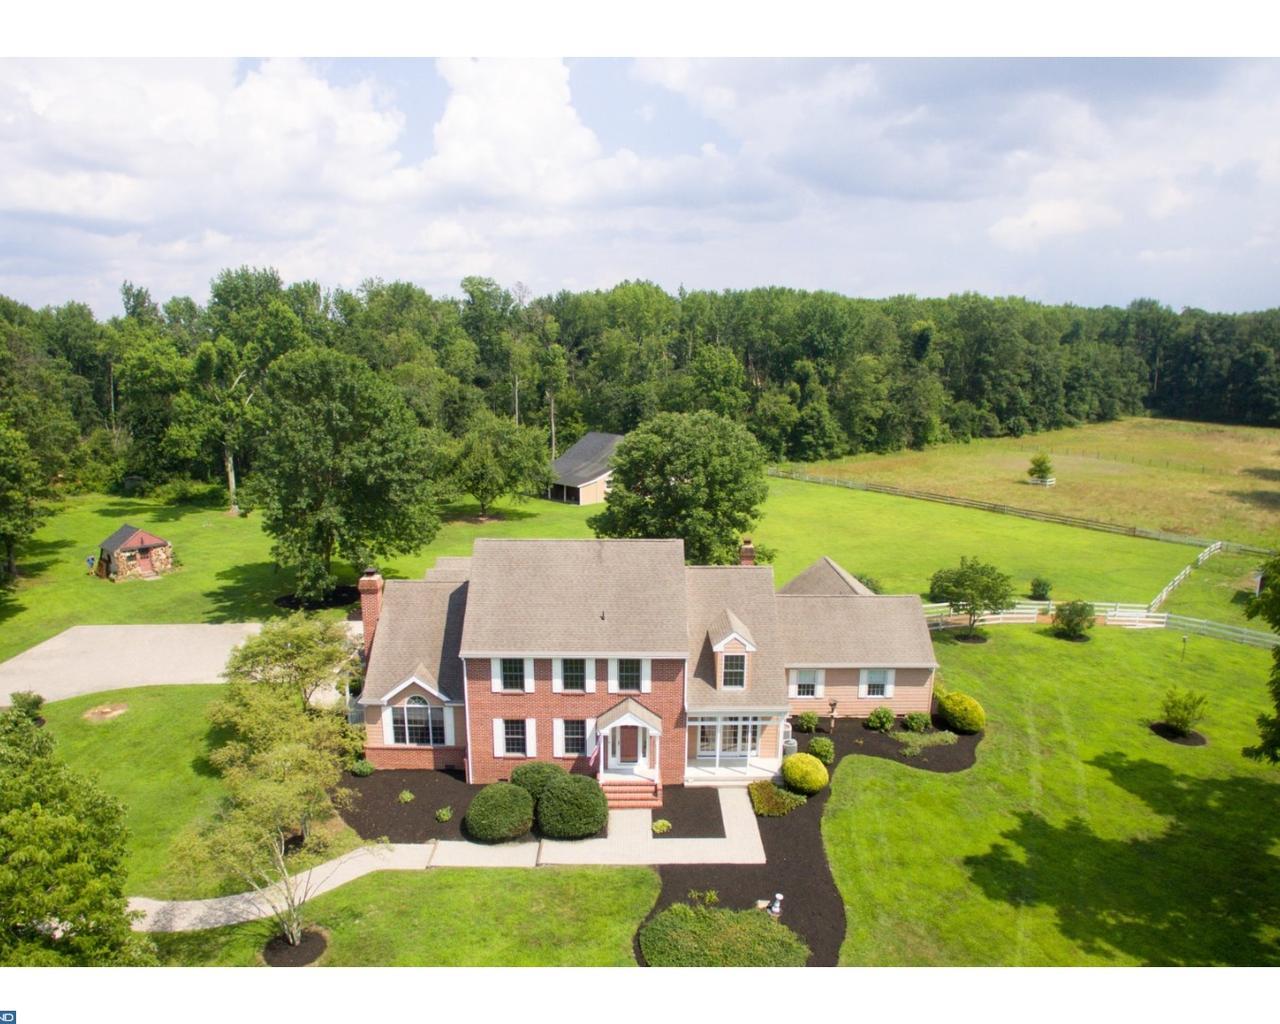 Property for sale at 140 W TOMLIN STATION RD, Mickleton,  NJ 08056